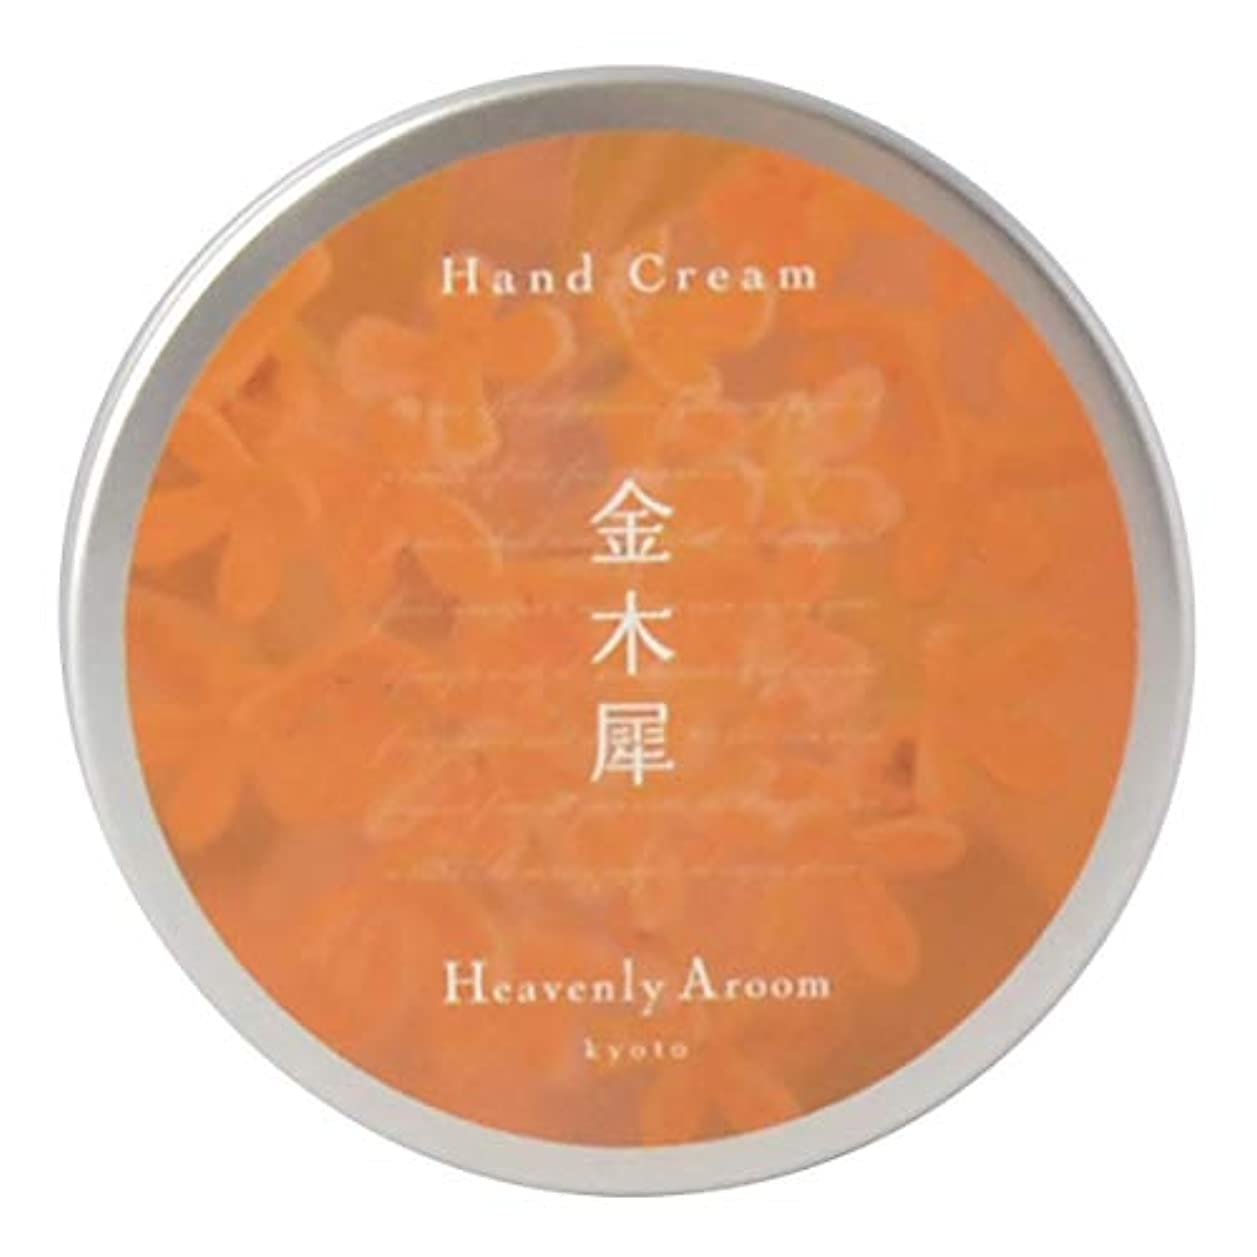 予測子玉ねぎ時刻表Heavenly Aroom ハンドクリーム 金木犀 75g